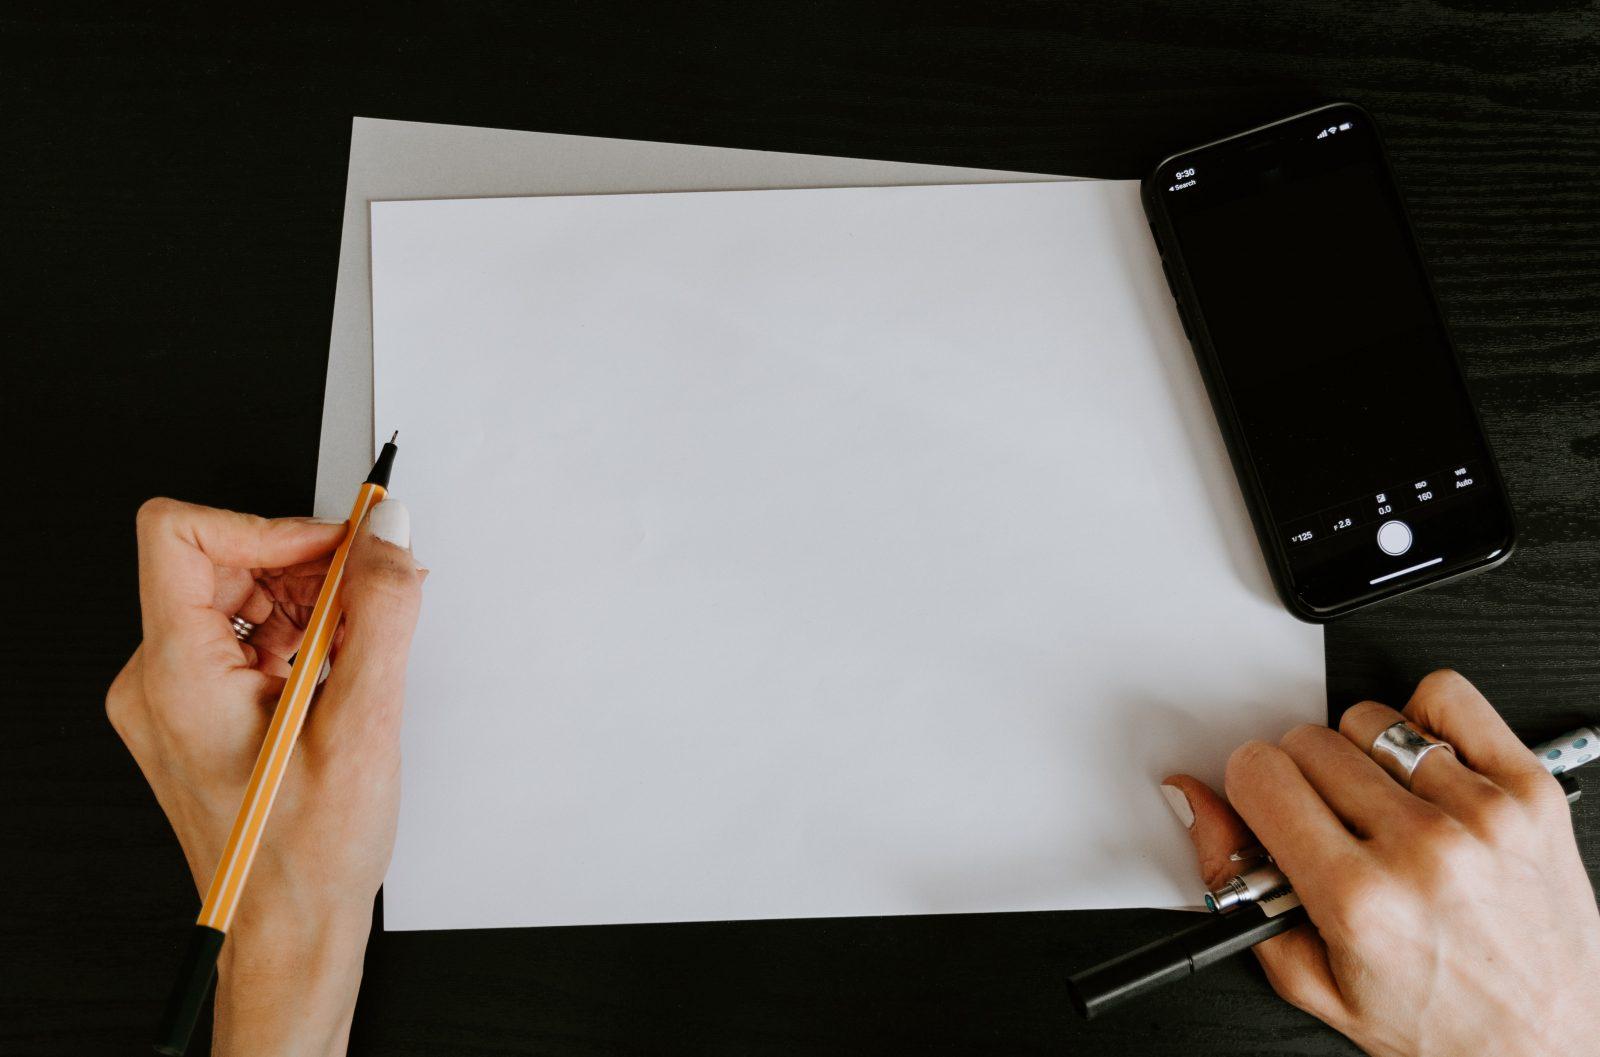 Käsissä on tyhjä valkoinen paperi ja kynä.